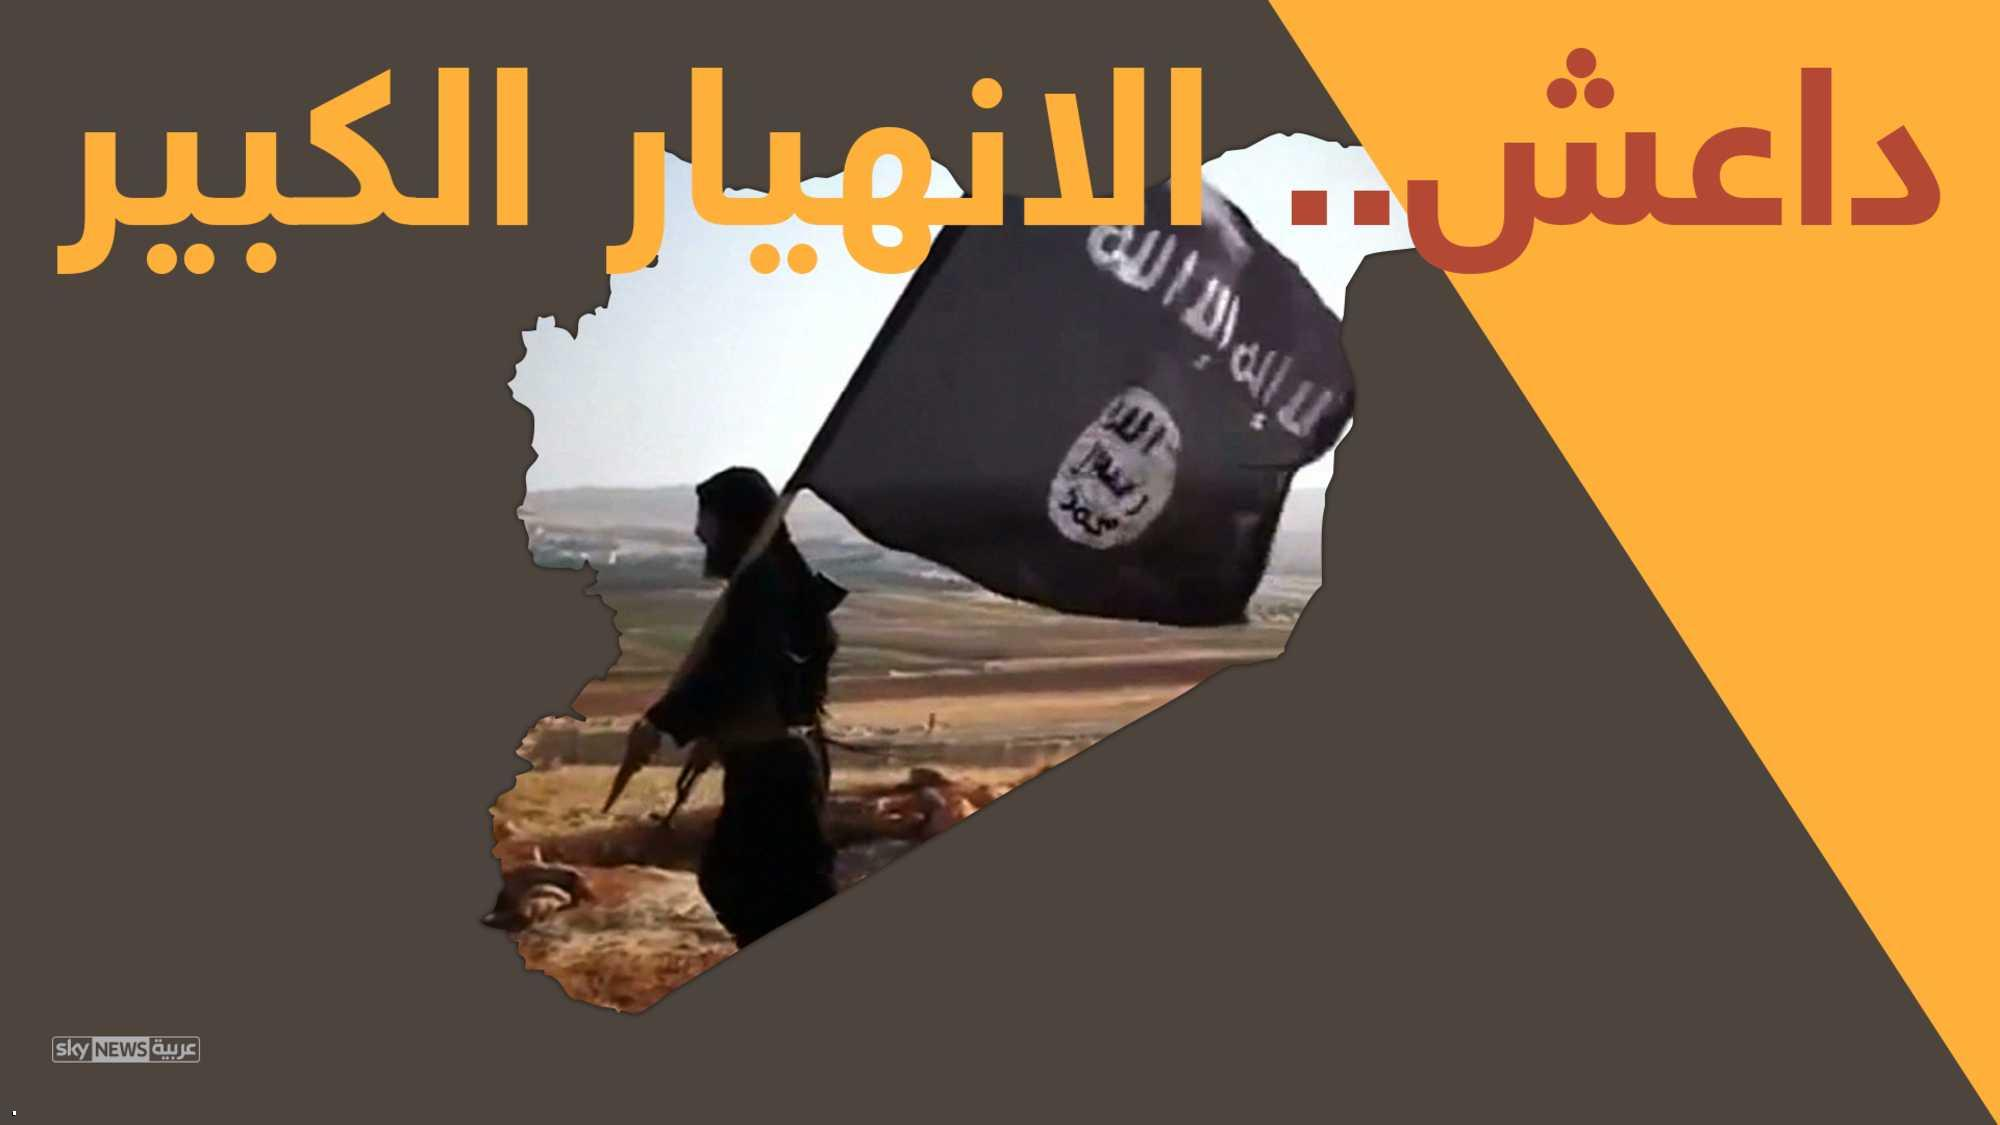 تنظيم داعش.. يتجه نحو غرب افريقيا في اعقاب خسارة الرقة والموصل